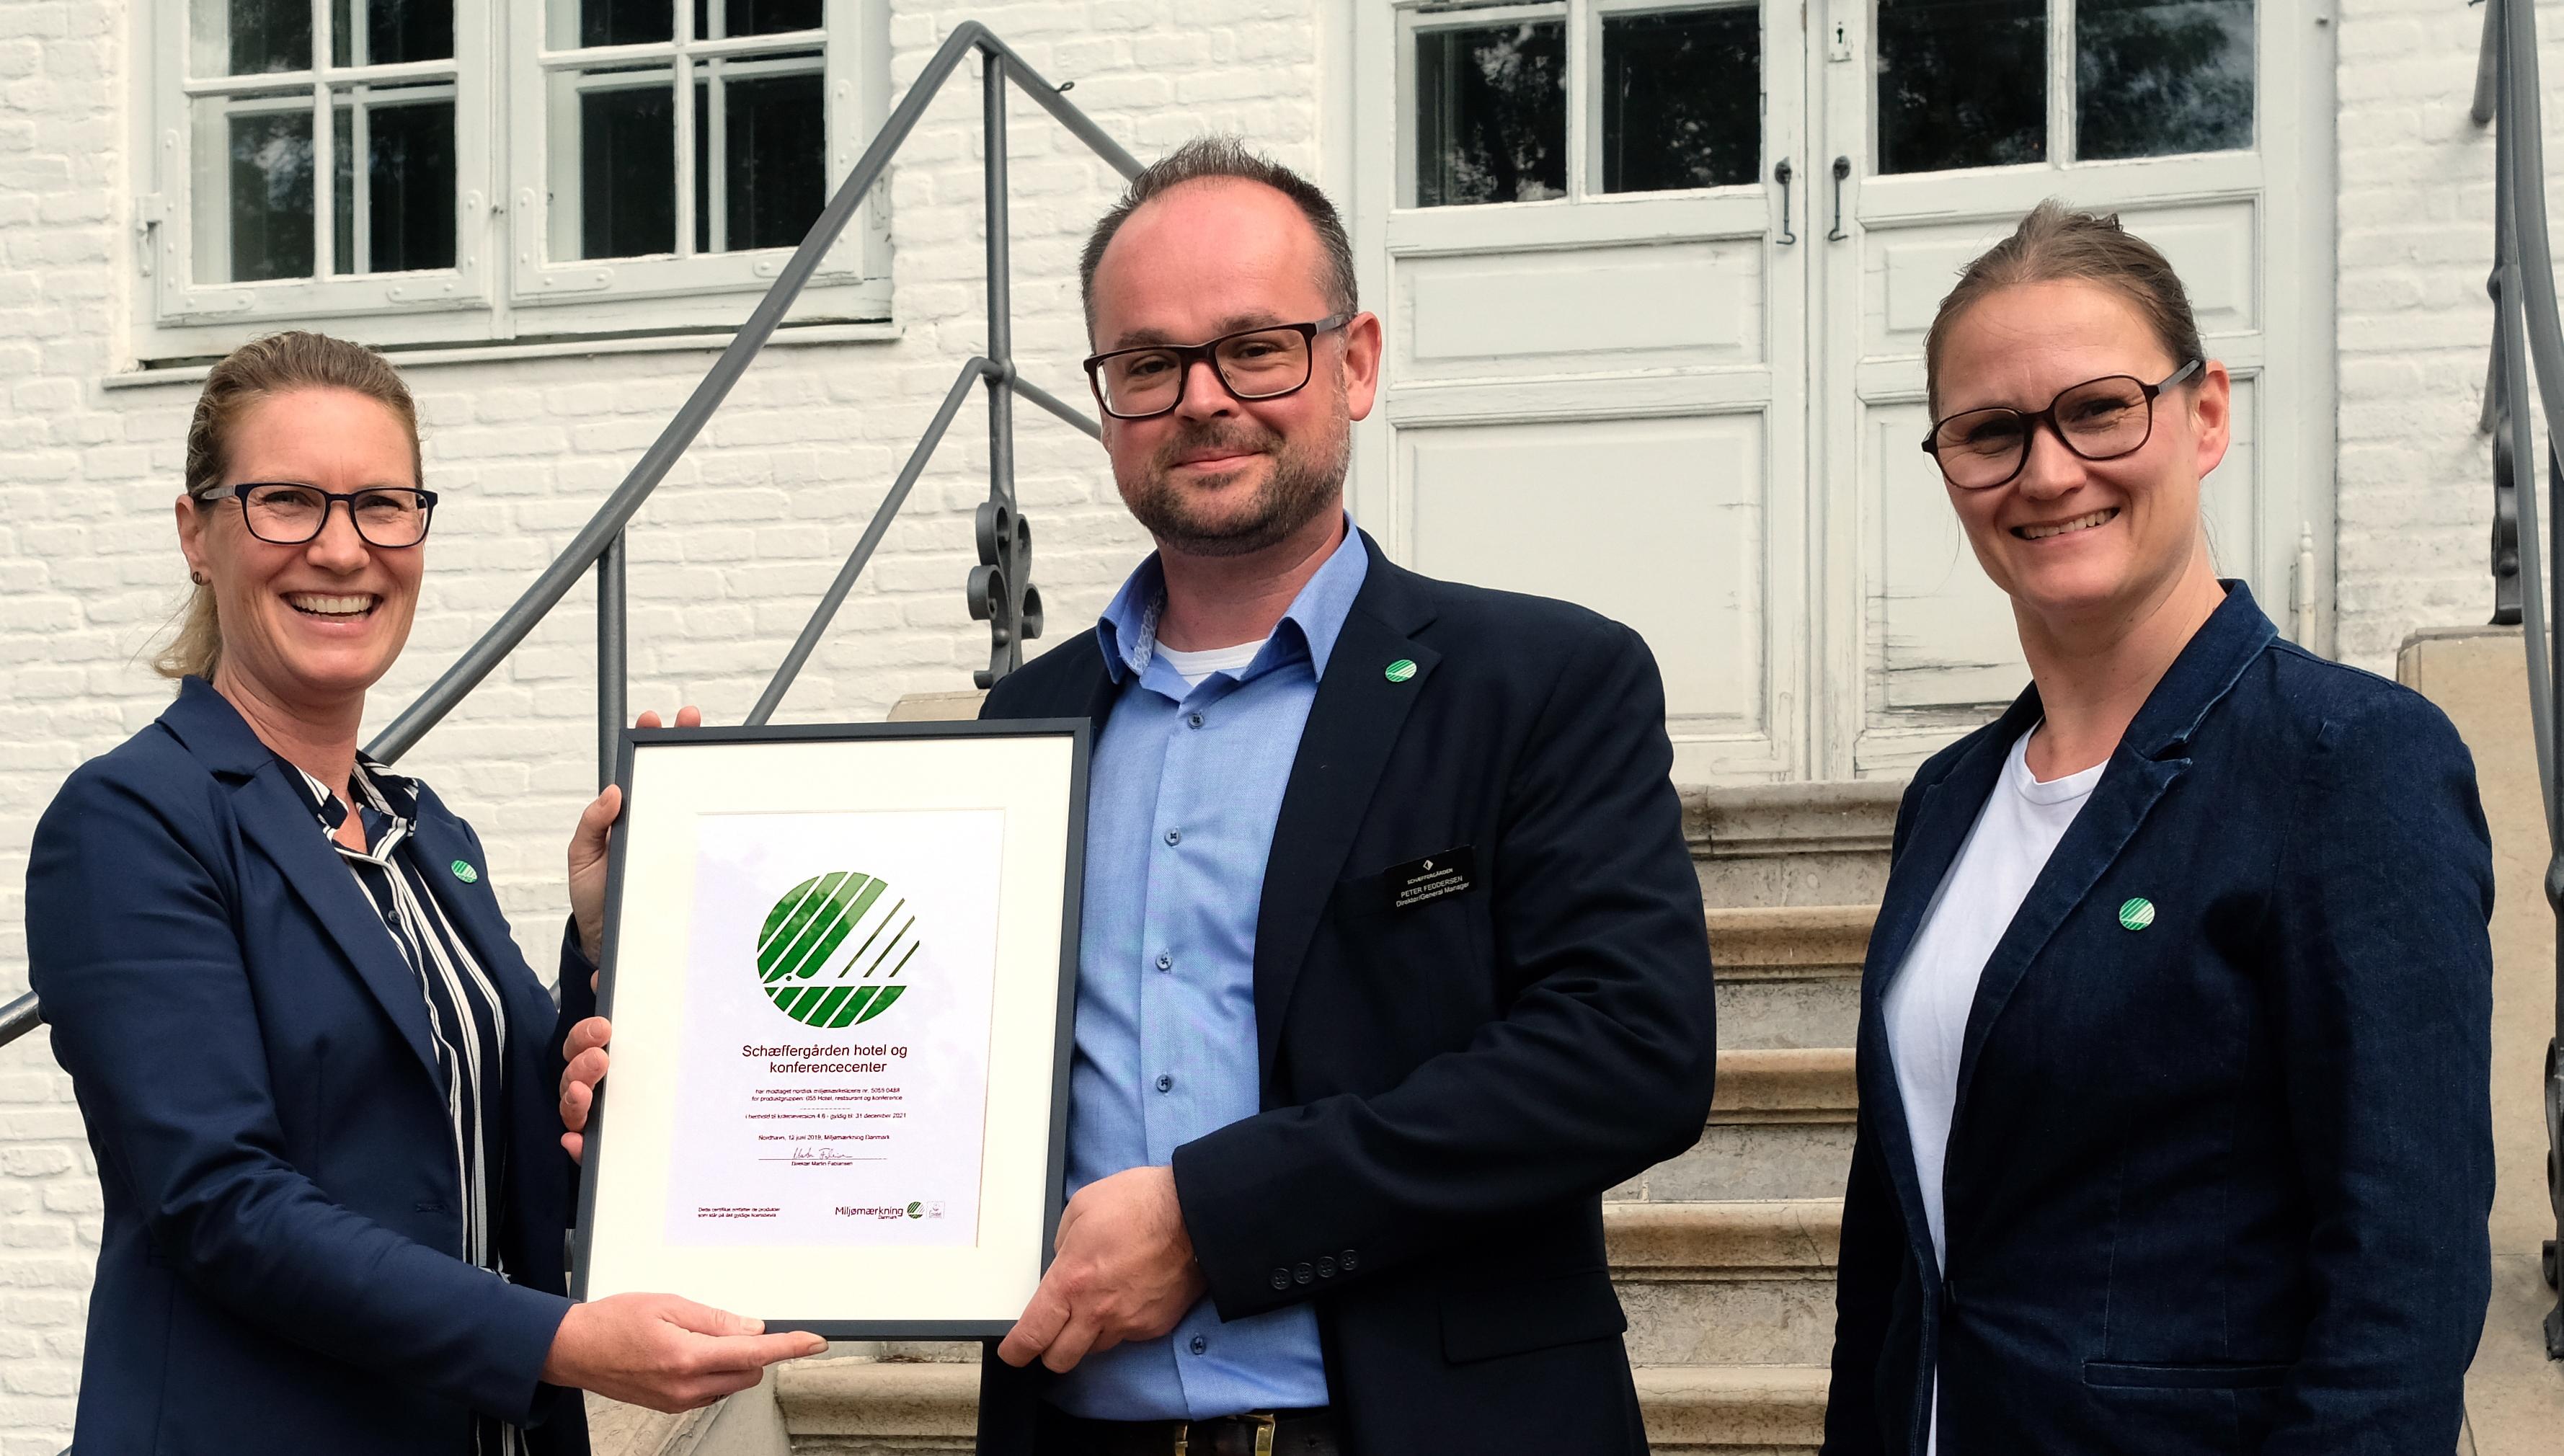 Schæffergårdens direktør, Peter Feddersen, flankeres ved den officielle overrækkelse af Svanemærke-certifikatet af konsulenter fra Miljømærkning Danmark, Ingrid Elmedal, til venstre, og Malene Nielsen. Foto: Schæffergården.